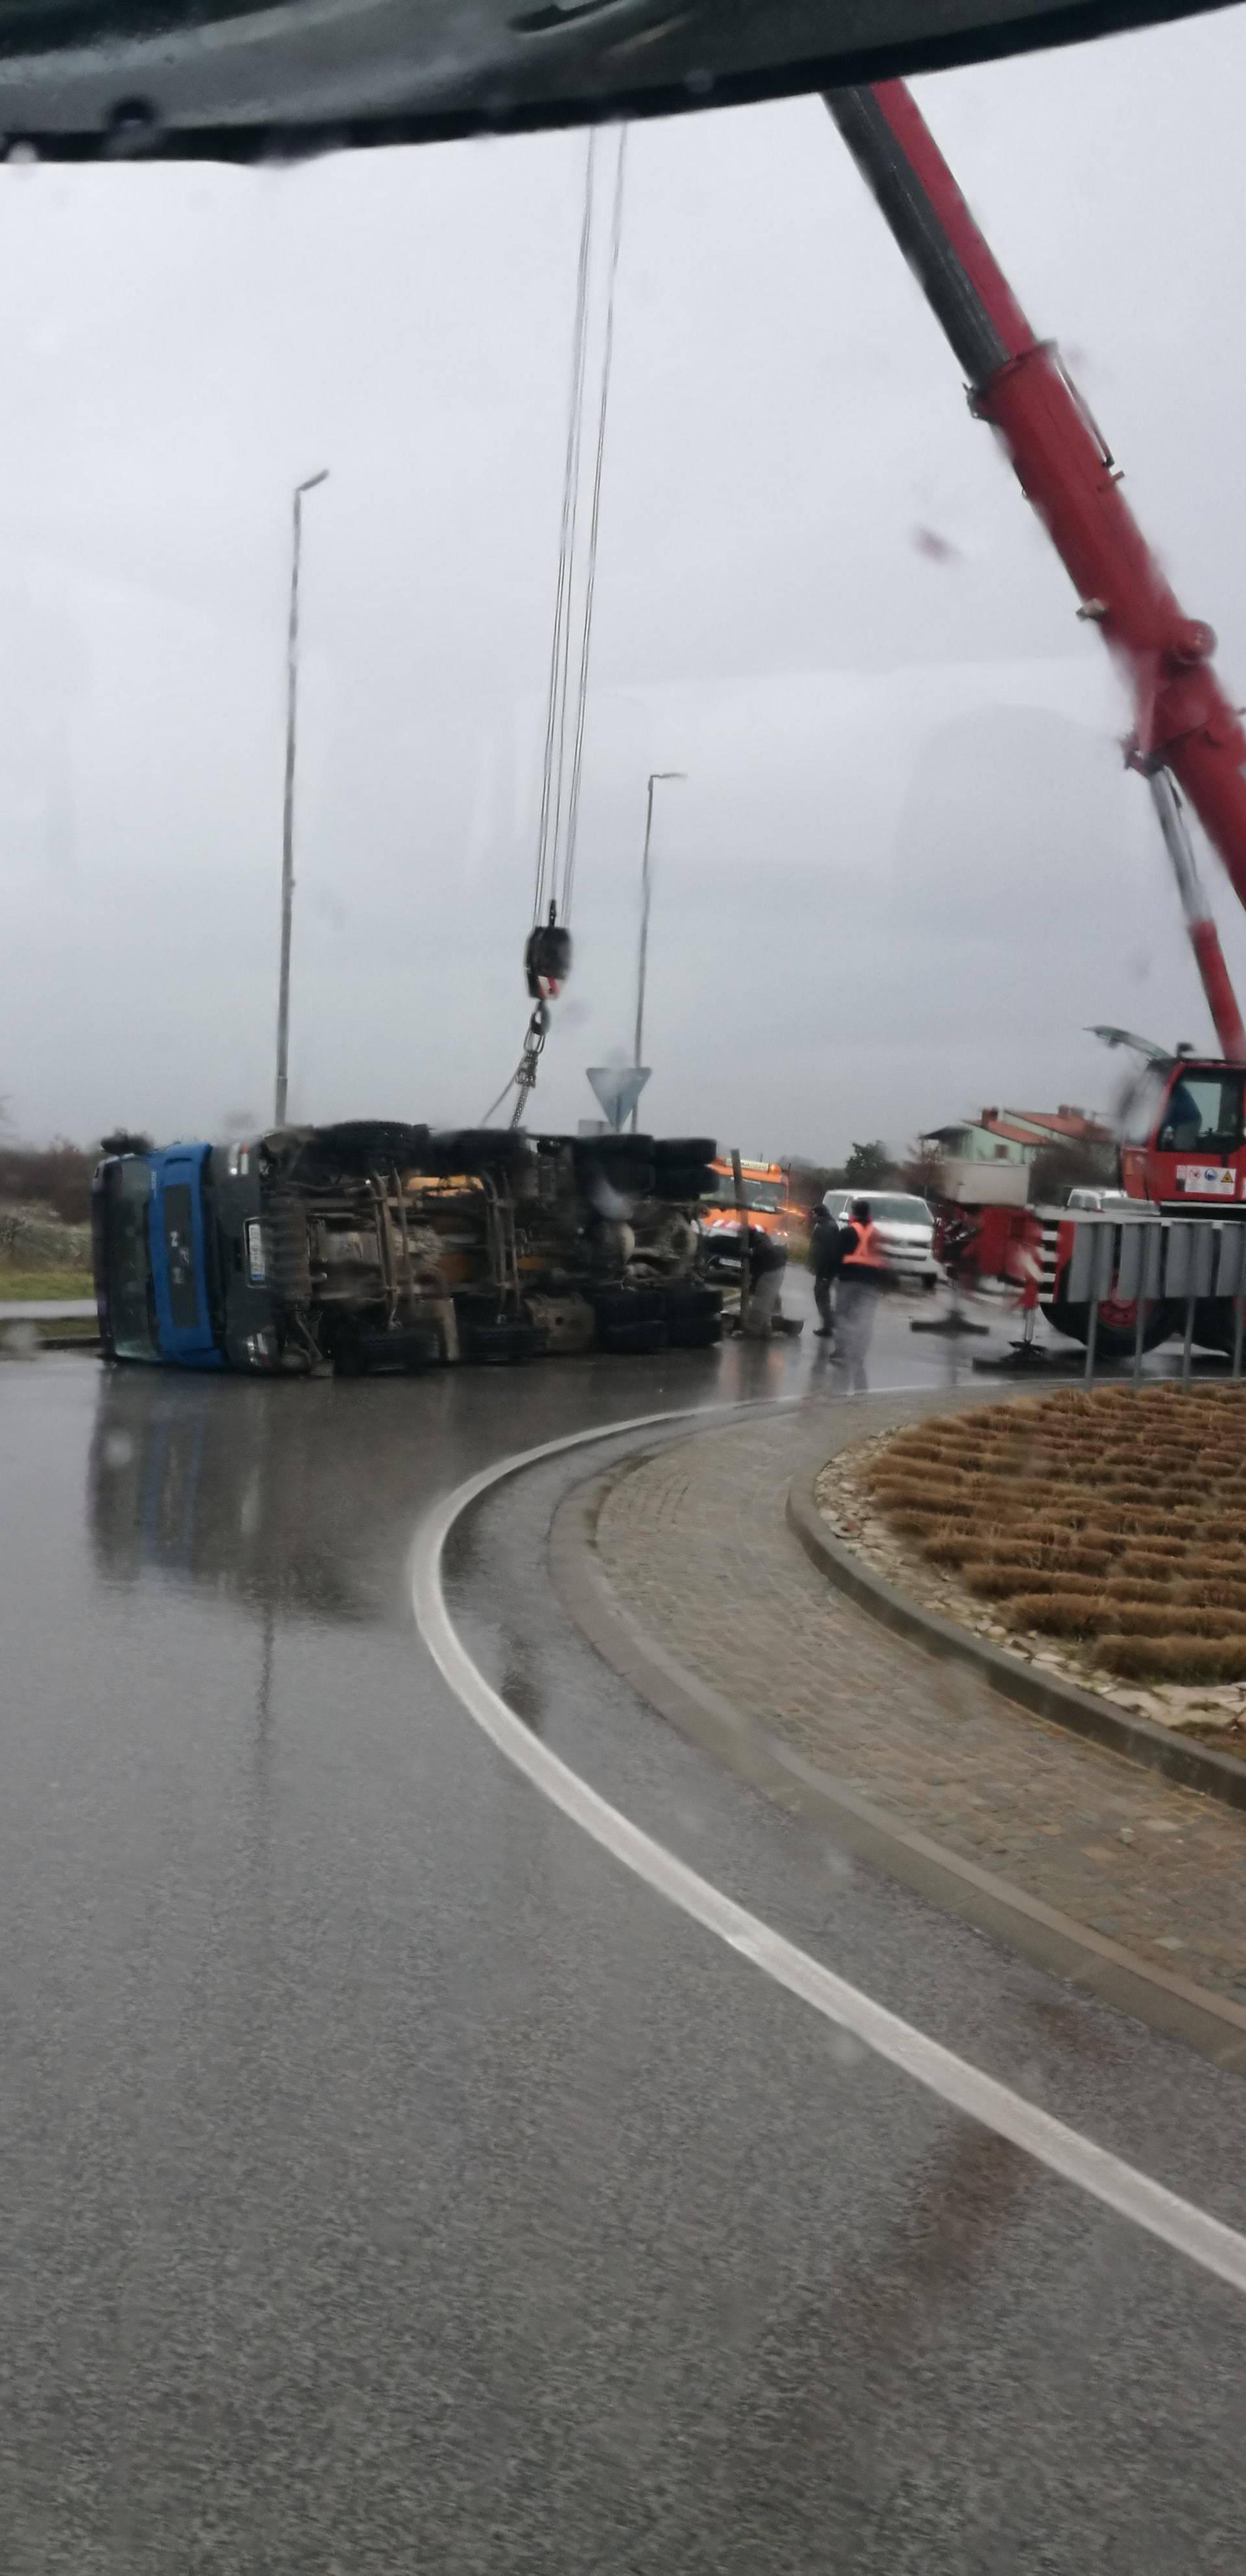 Kamion mikser prevrnuo se u kružnom toku, vozač ozlijeđen